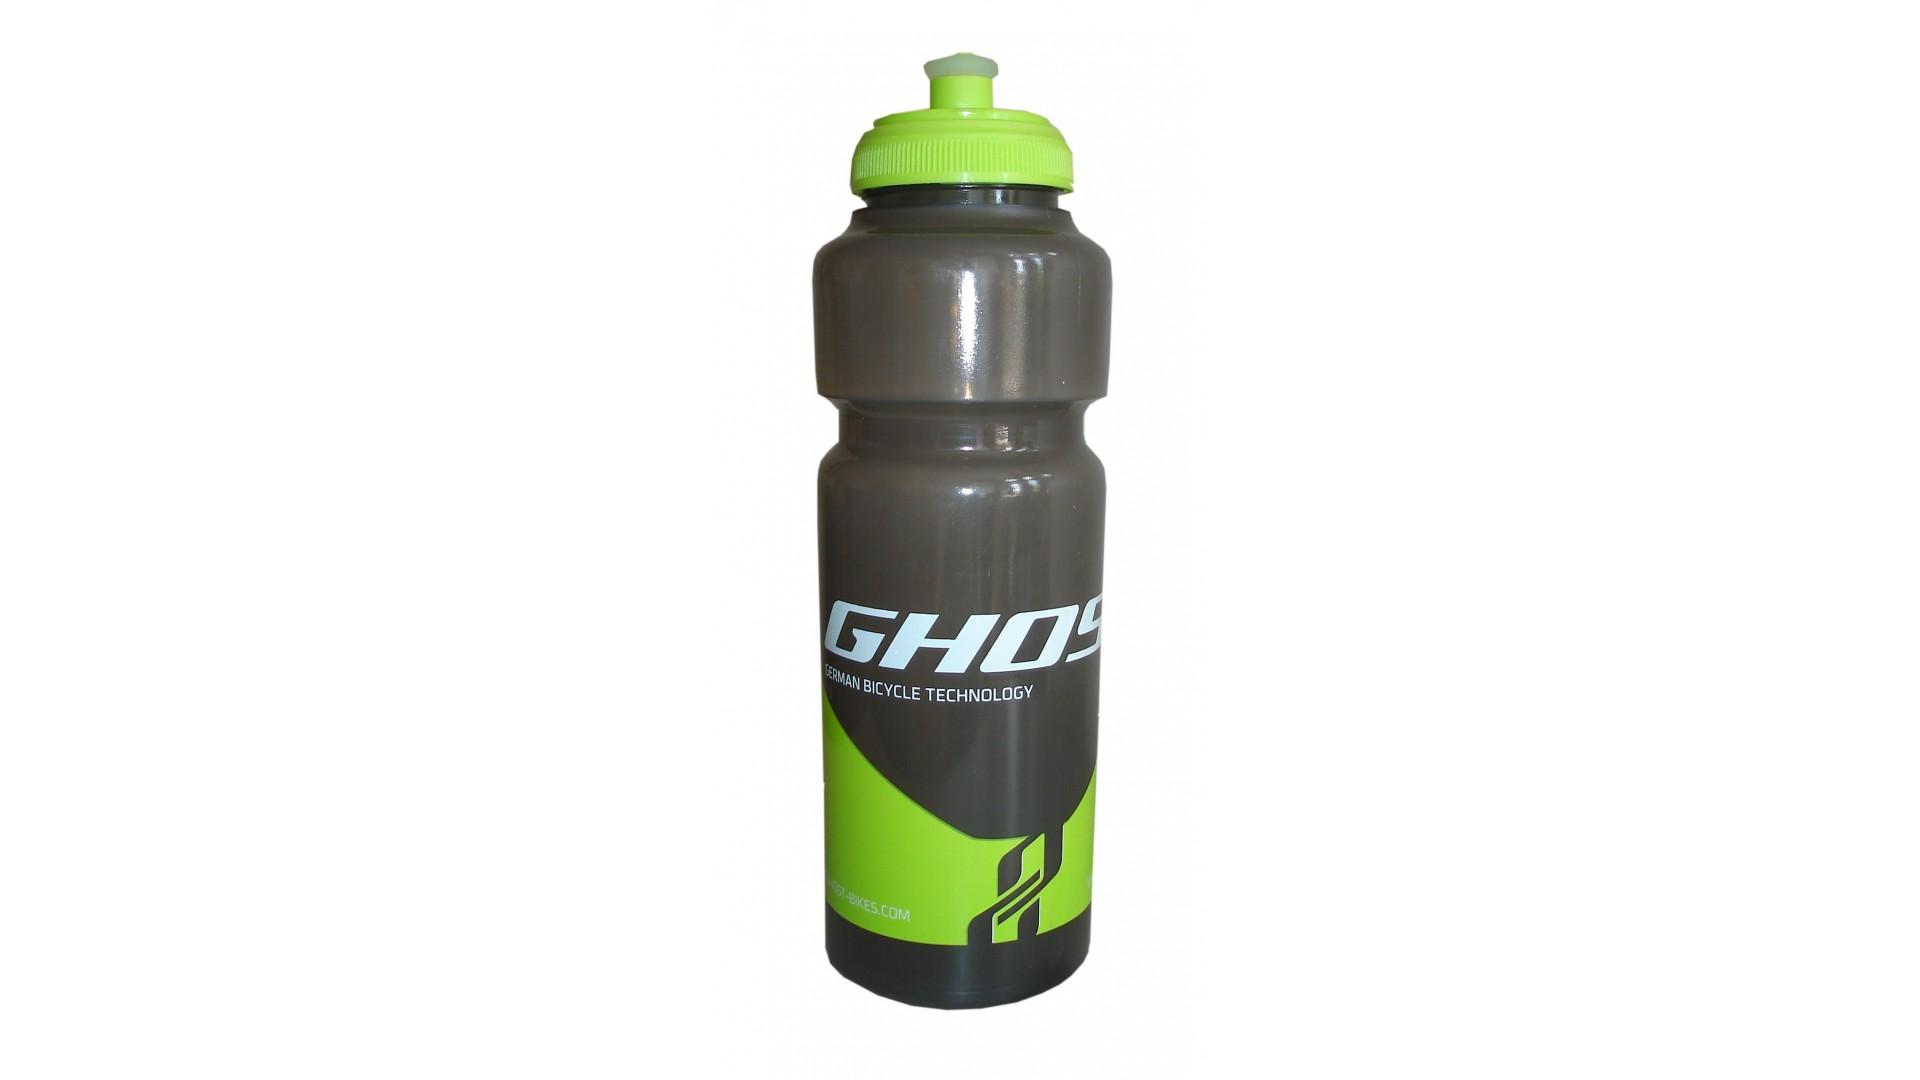 Фляга Ghost 750 ml непрозрачная black/lime green